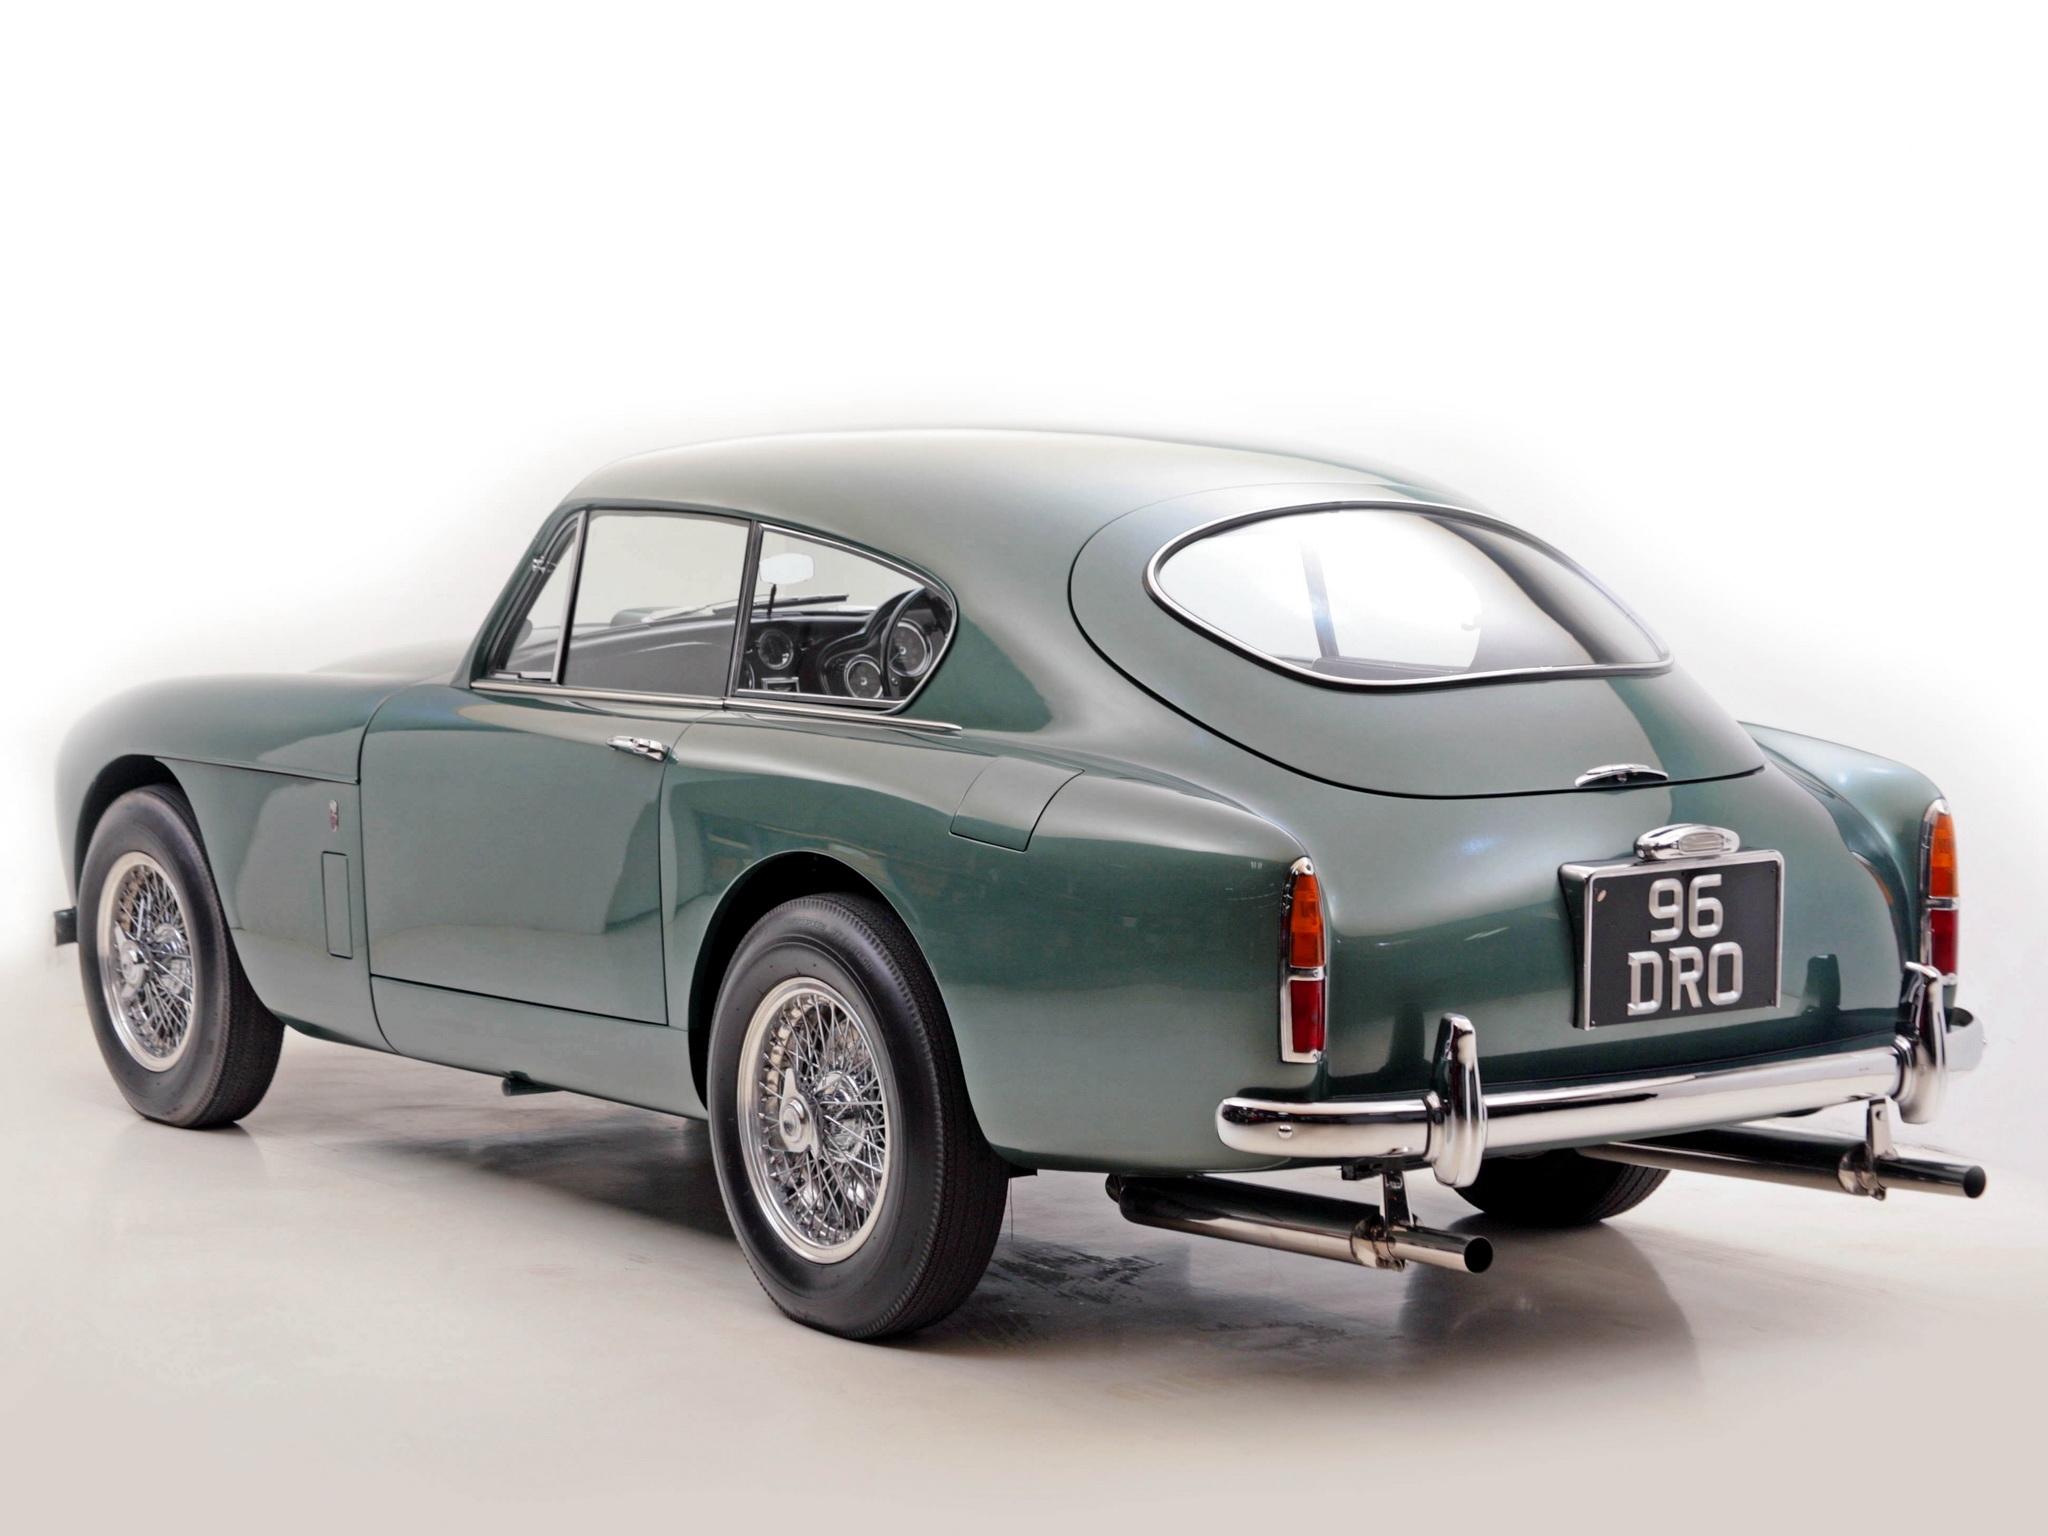 60702 скачать обои Машины, Астон Мартин (Aston Martin), Тачки (Cars), Зеленый, Вид Сбоку, Стиль, Ретро, 1958 - заставки и картинки бесплатно